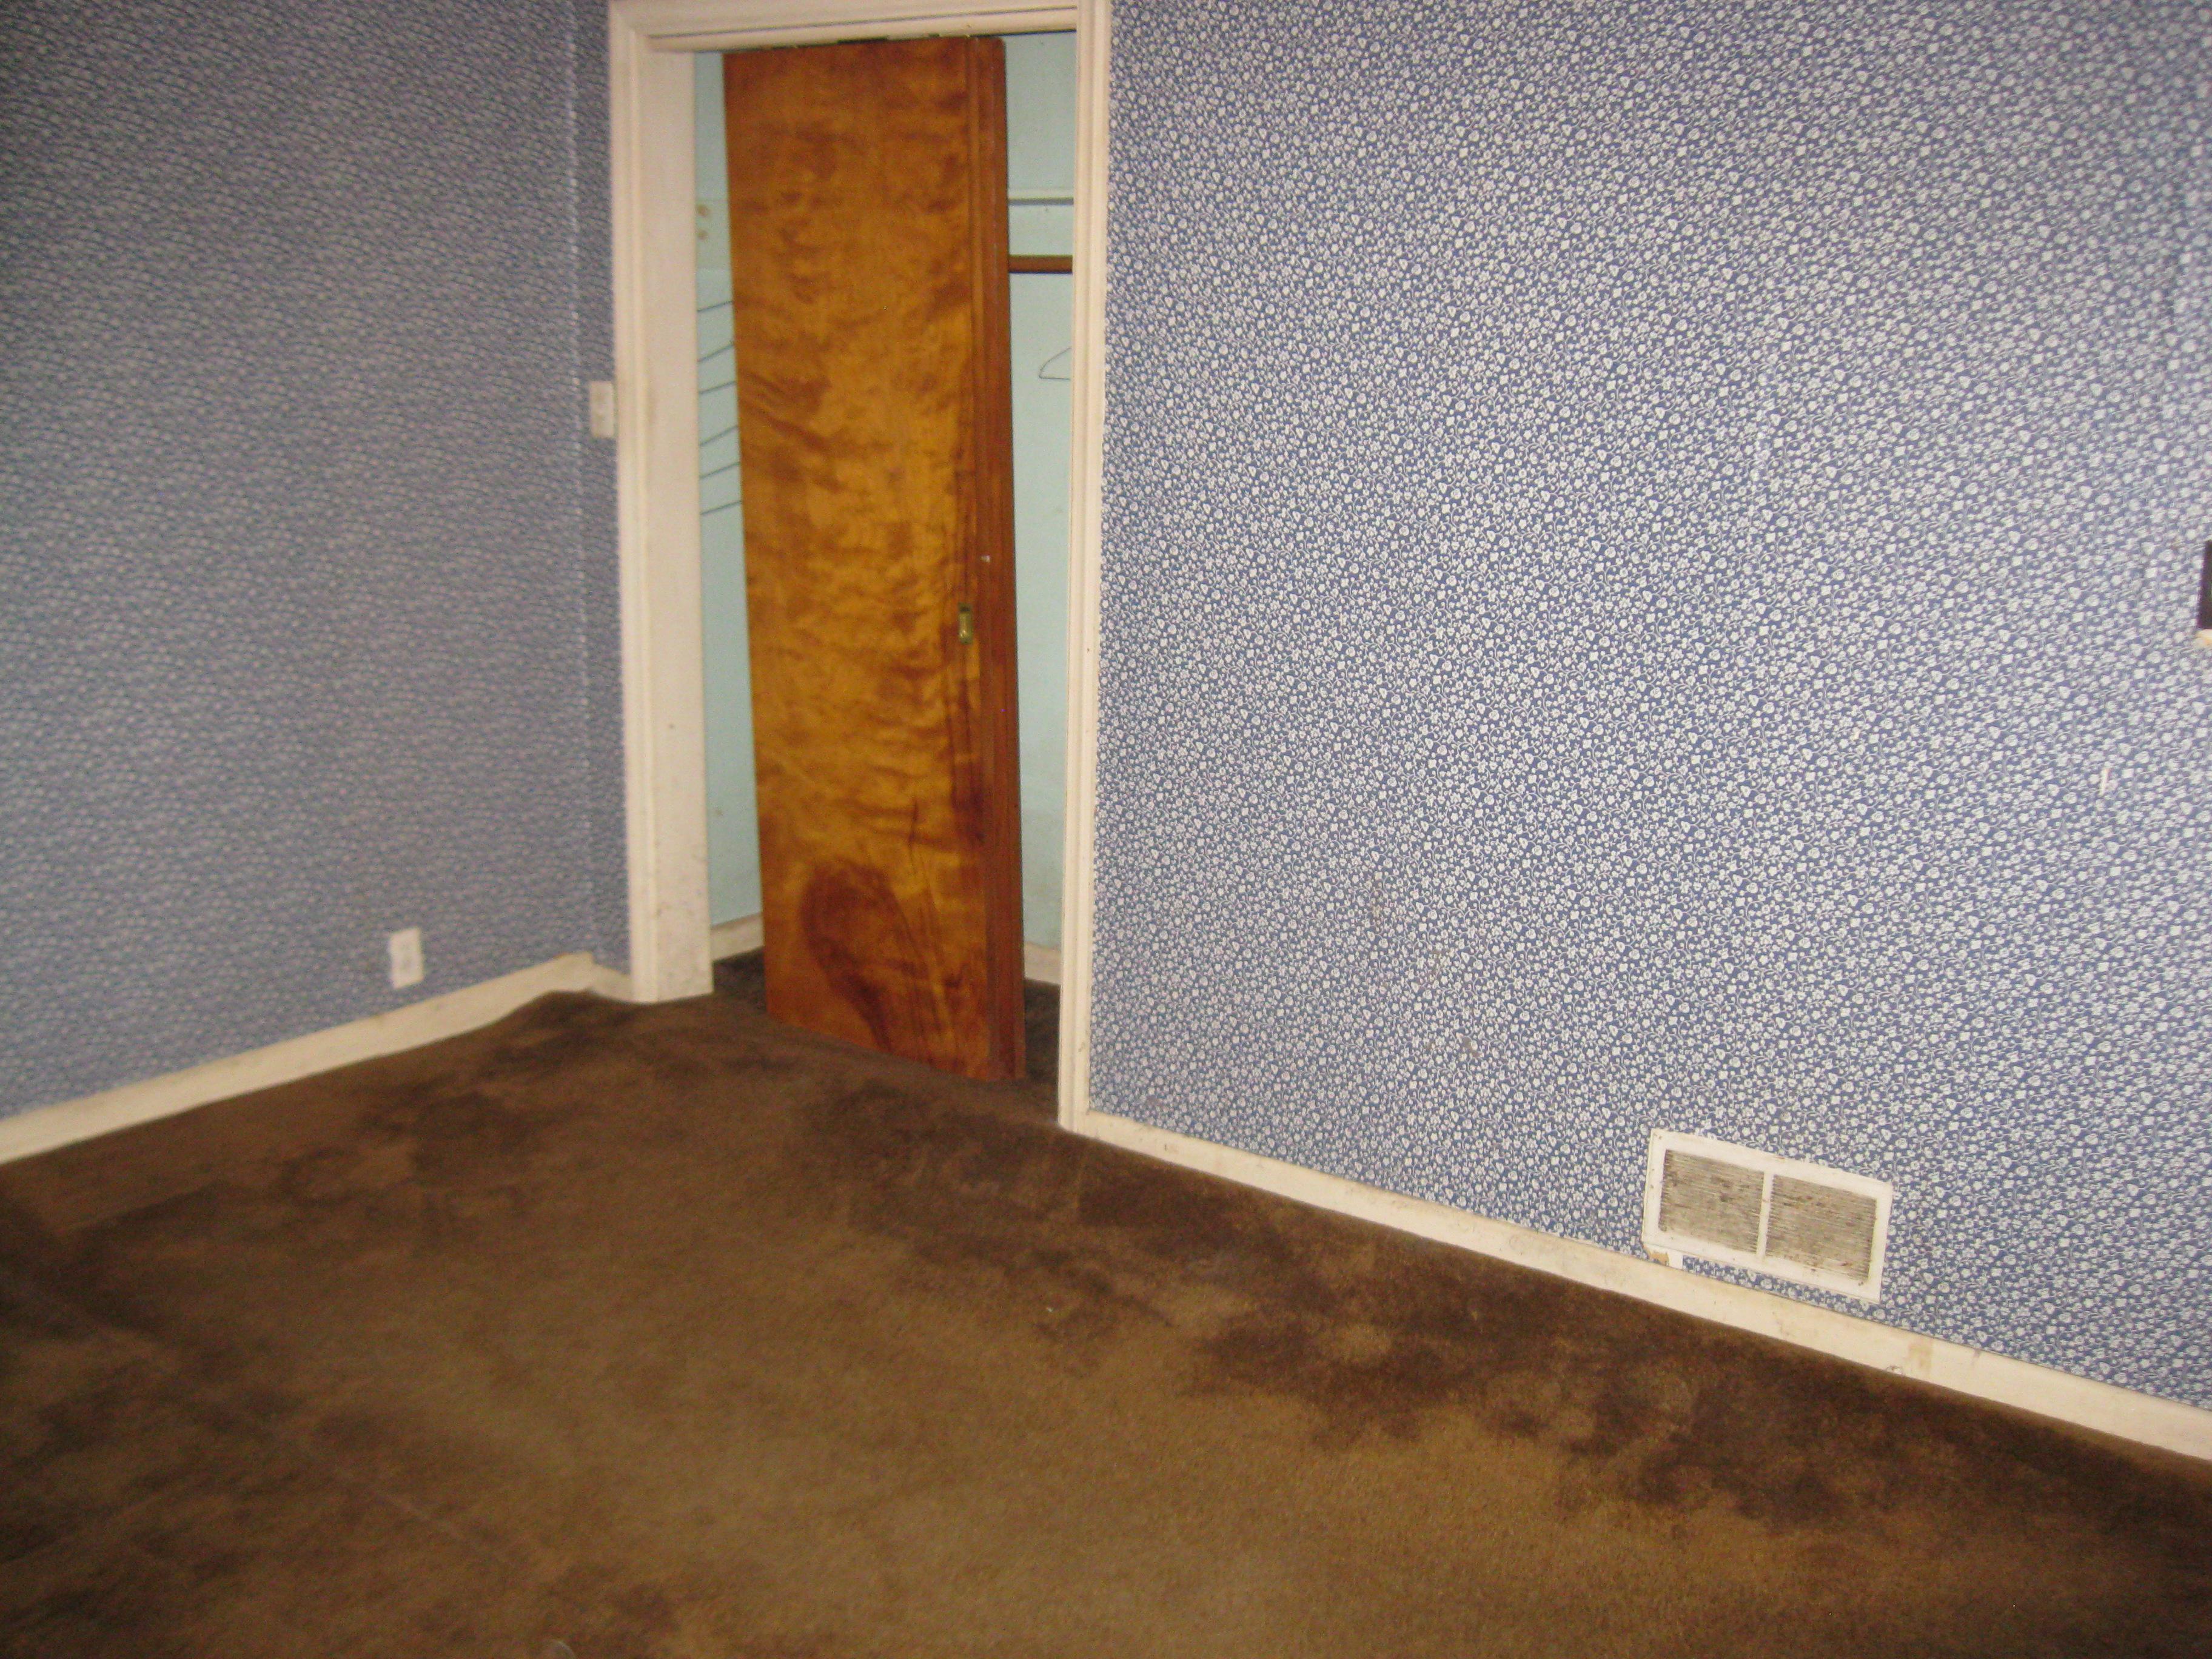 Littleton Rehab Chronicles - Before - Floor Buckling